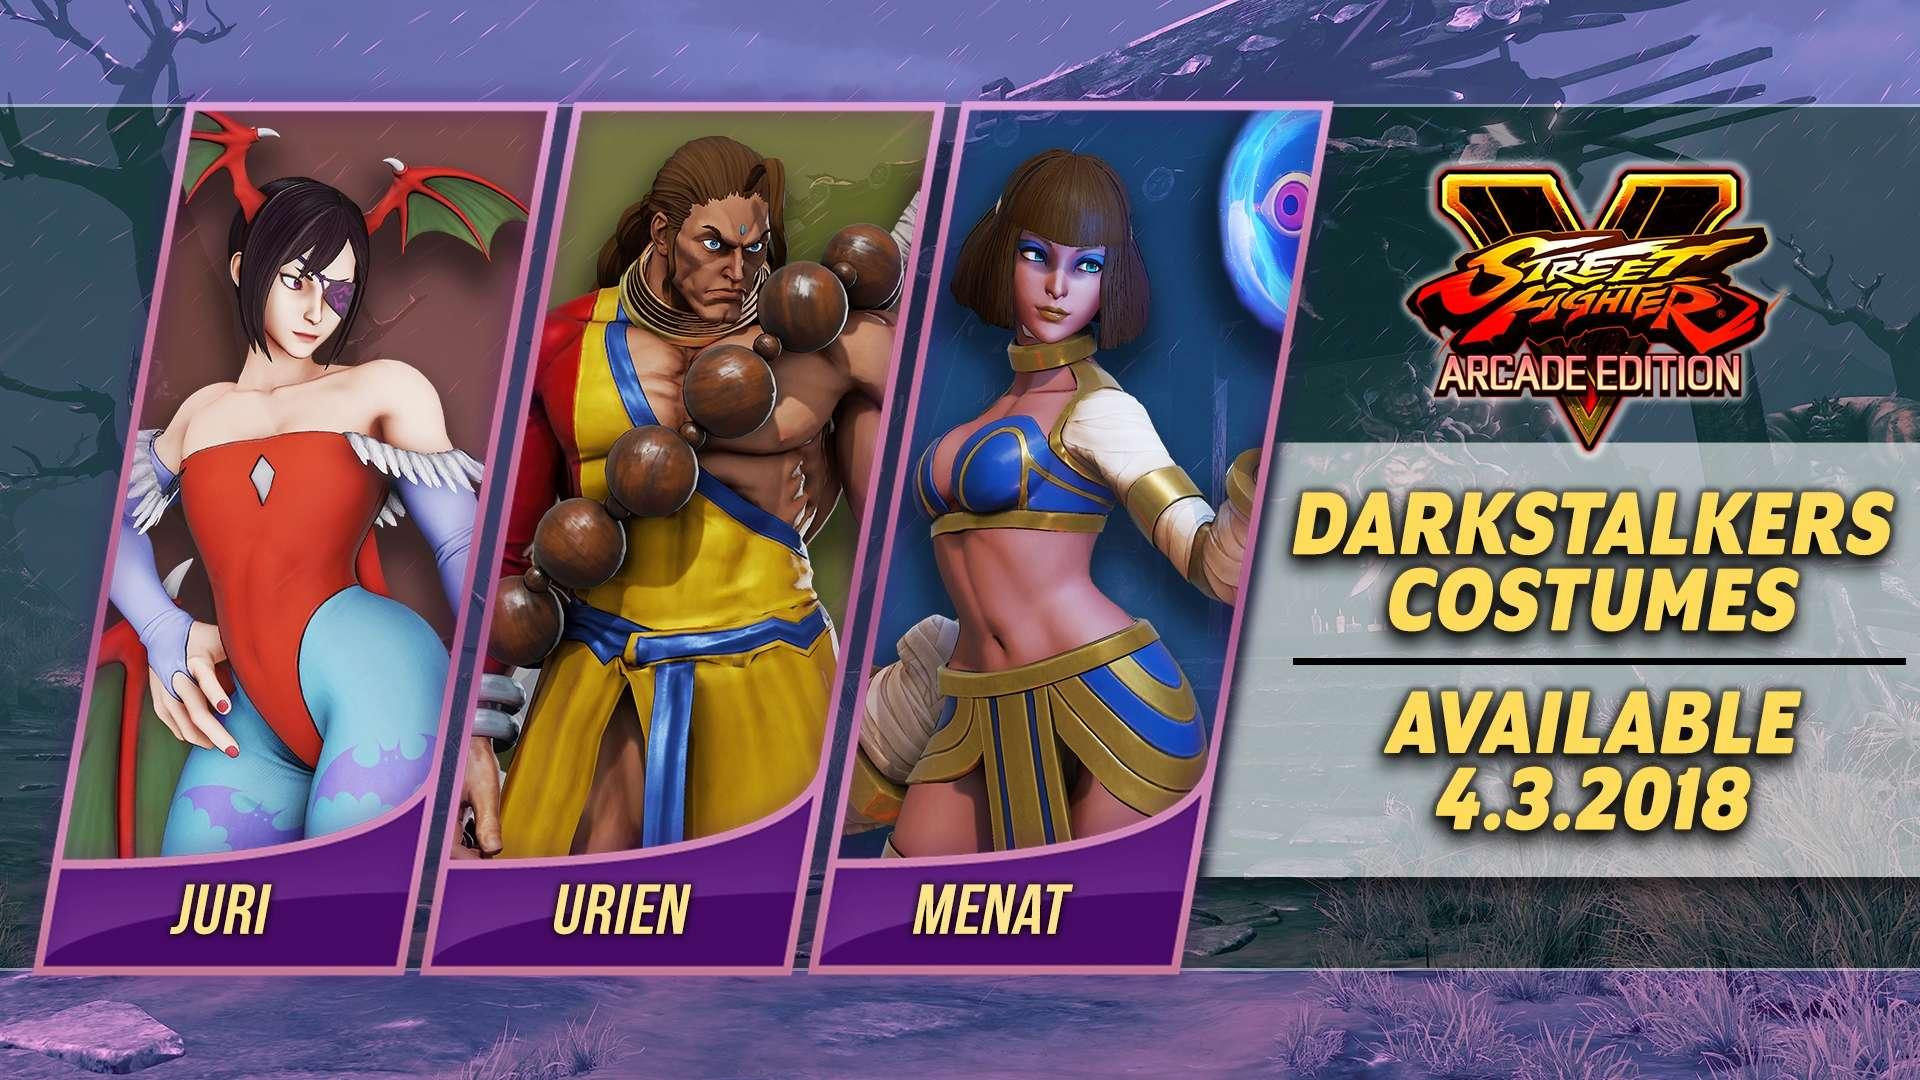 Street Fighter V Arcade Edition - Costumi Darkstalkers